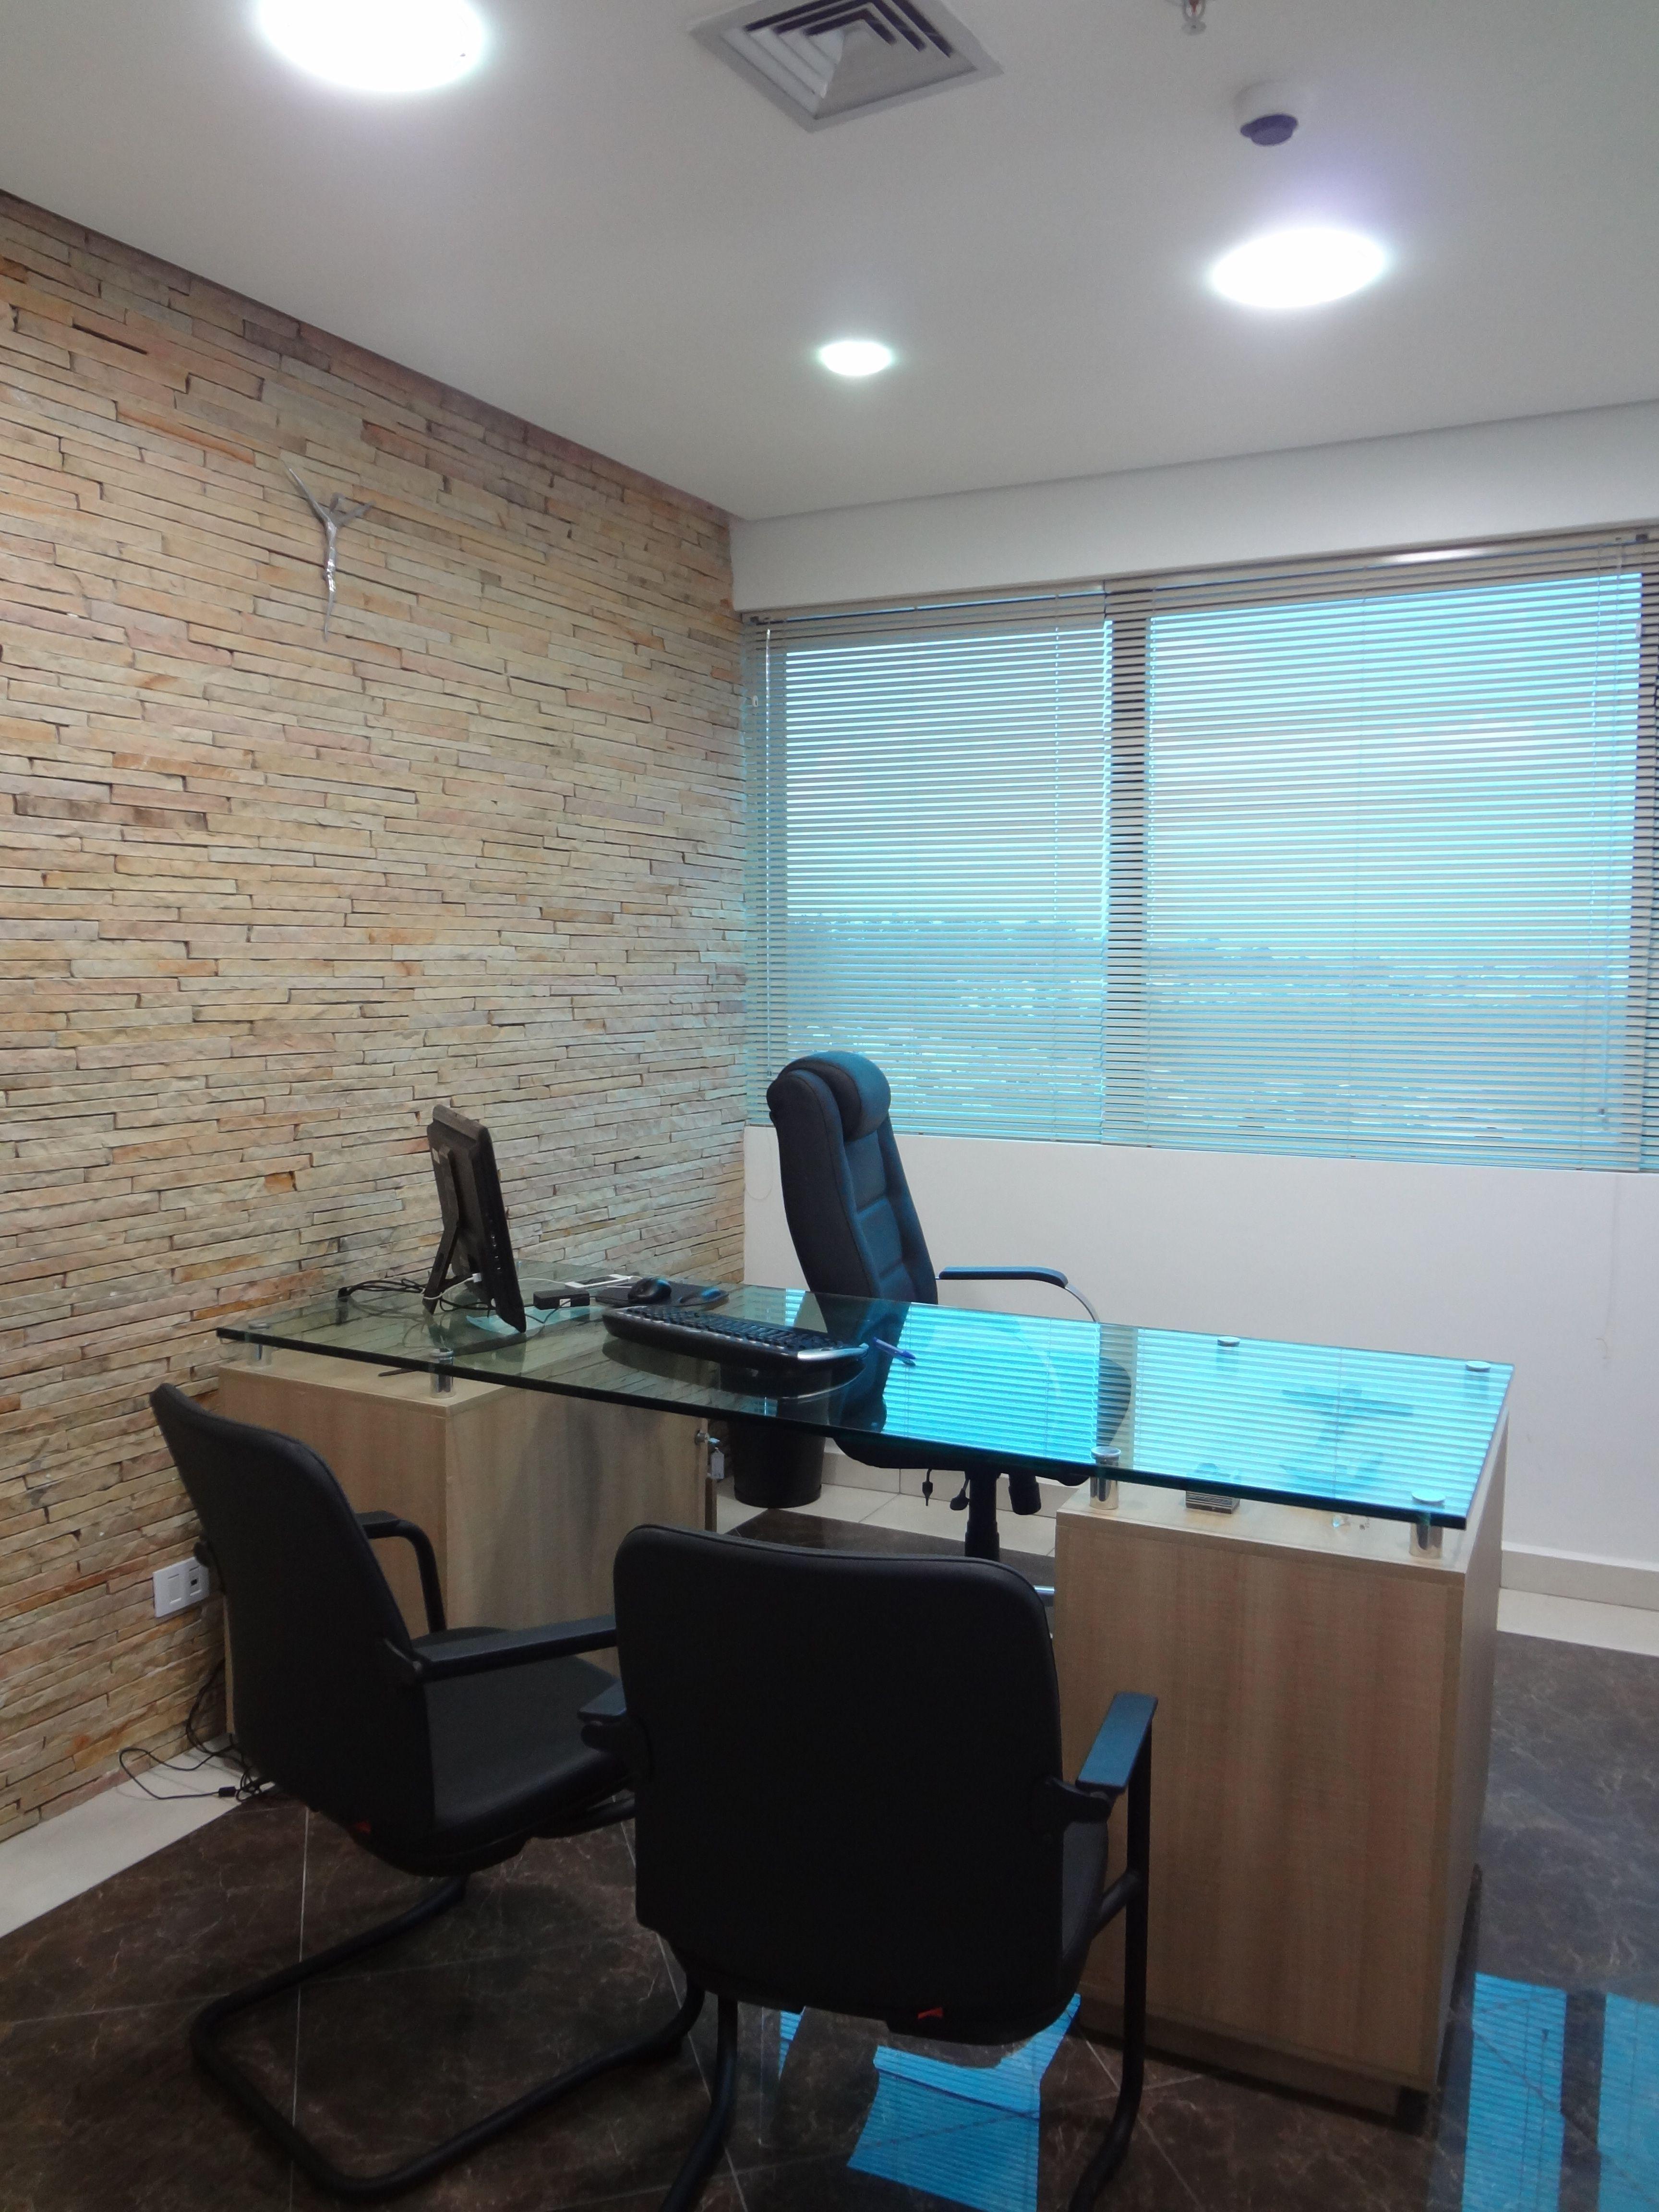 Escritório de Advocacia em Taboão da Serra. Veja mais em: http://espacobrarquitetura.blogspot.com.br/2014/07/projeto-de-escritorio-de-advocacia.html